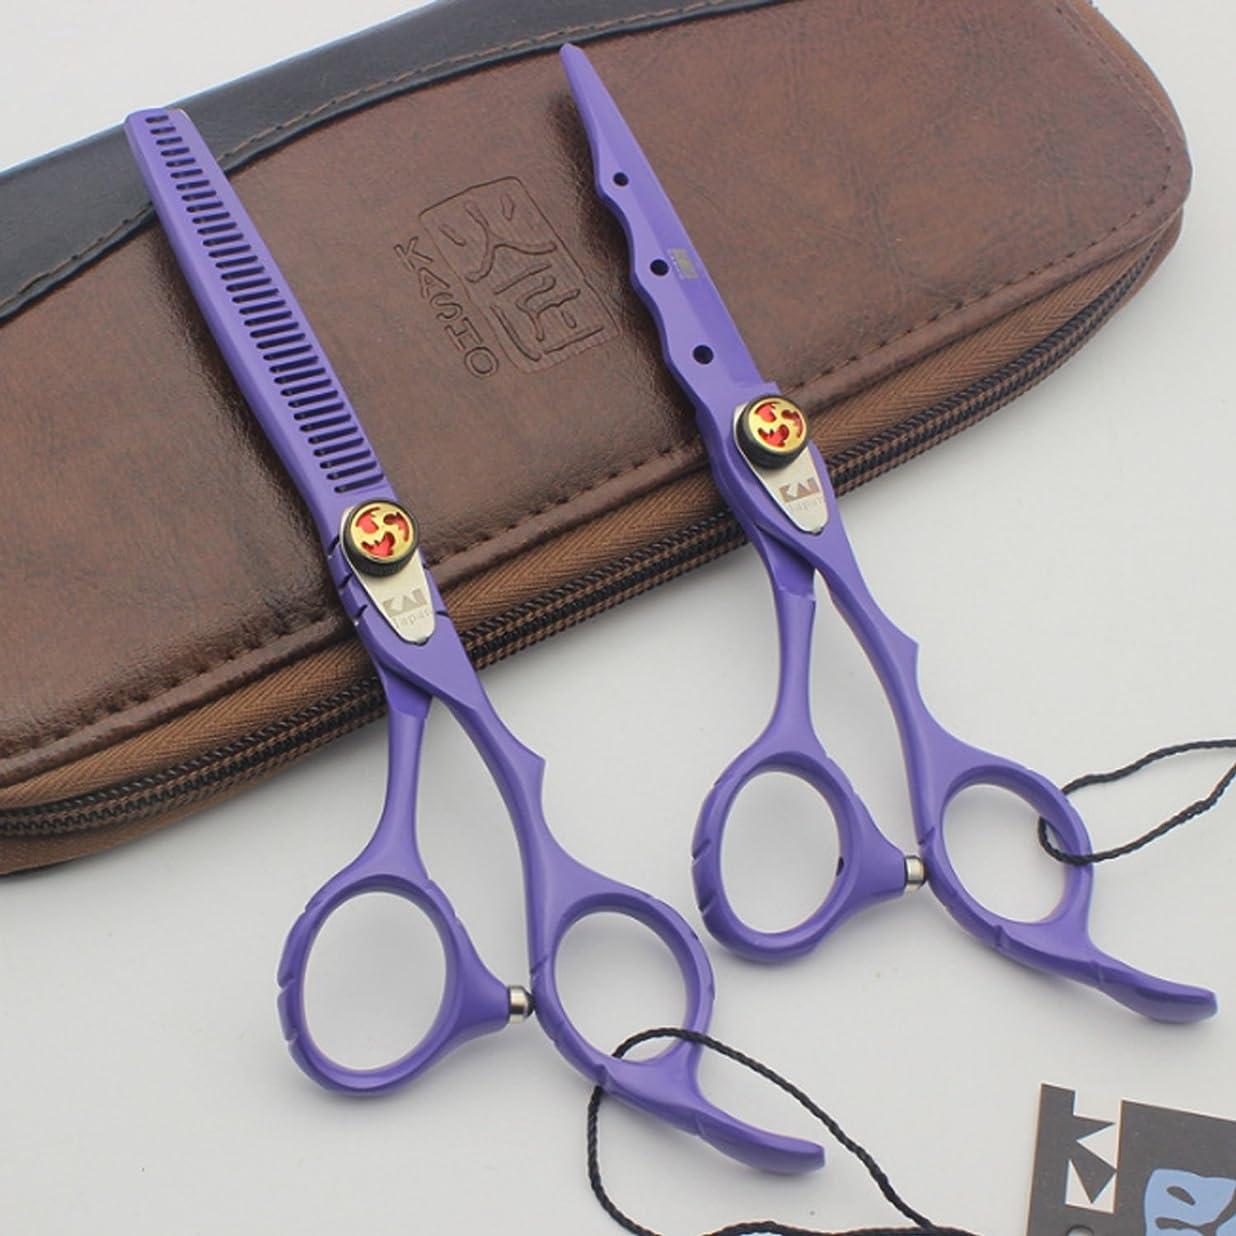 音声学二十アボートペット用シザー カットハサミ トリミング シザー グルーミングシア 6.0インチ プロフェッショナル セニング ハサミ 歯付きブレード ストレートハサミ (Color : B2-Purple, Style : Thinning Scissor)